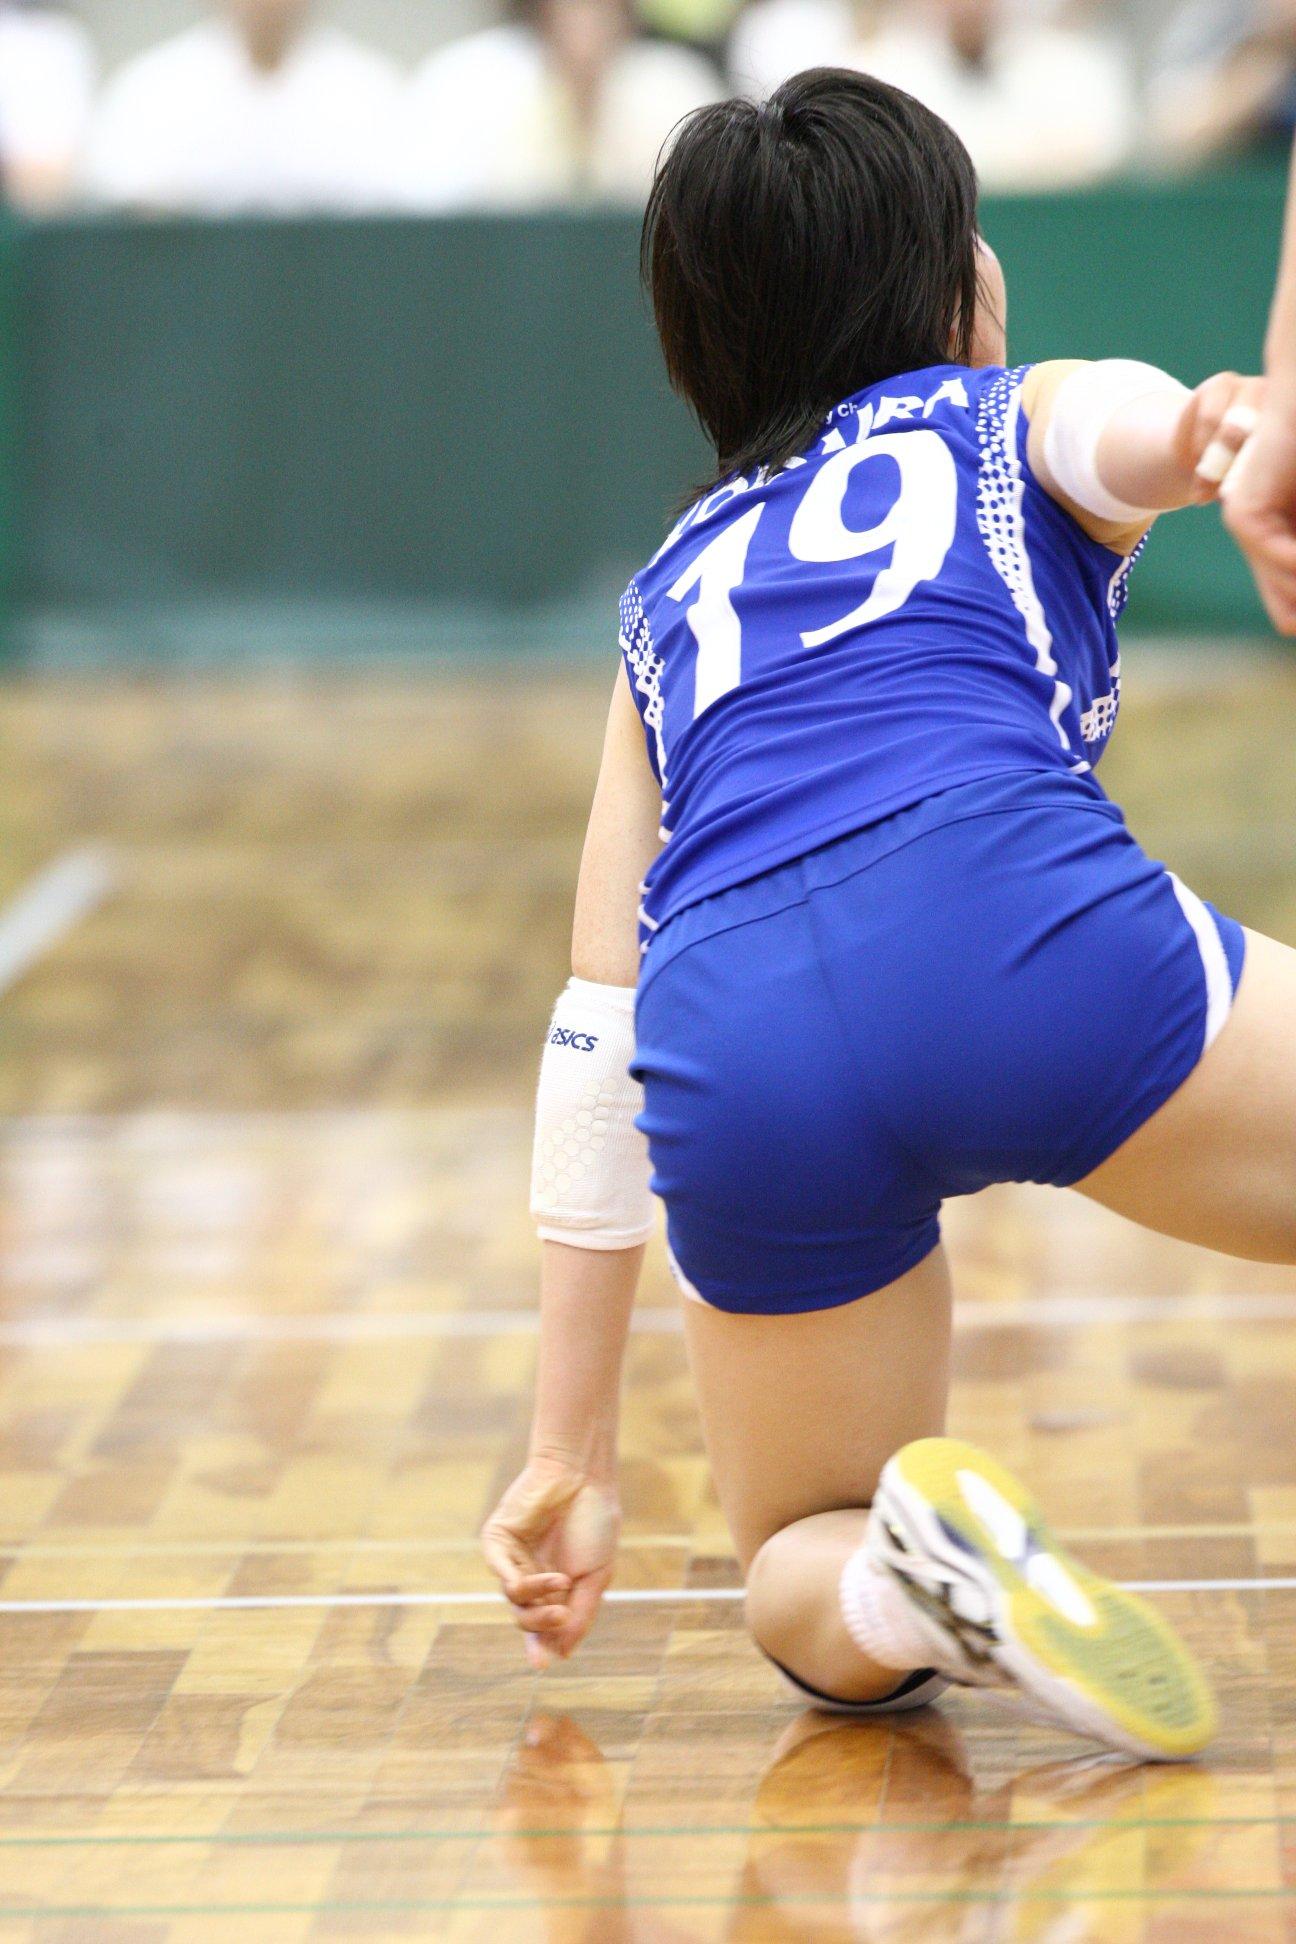 日中親善バレーボール2009 守山大会リプライズ_f0178711_17115930.jpg